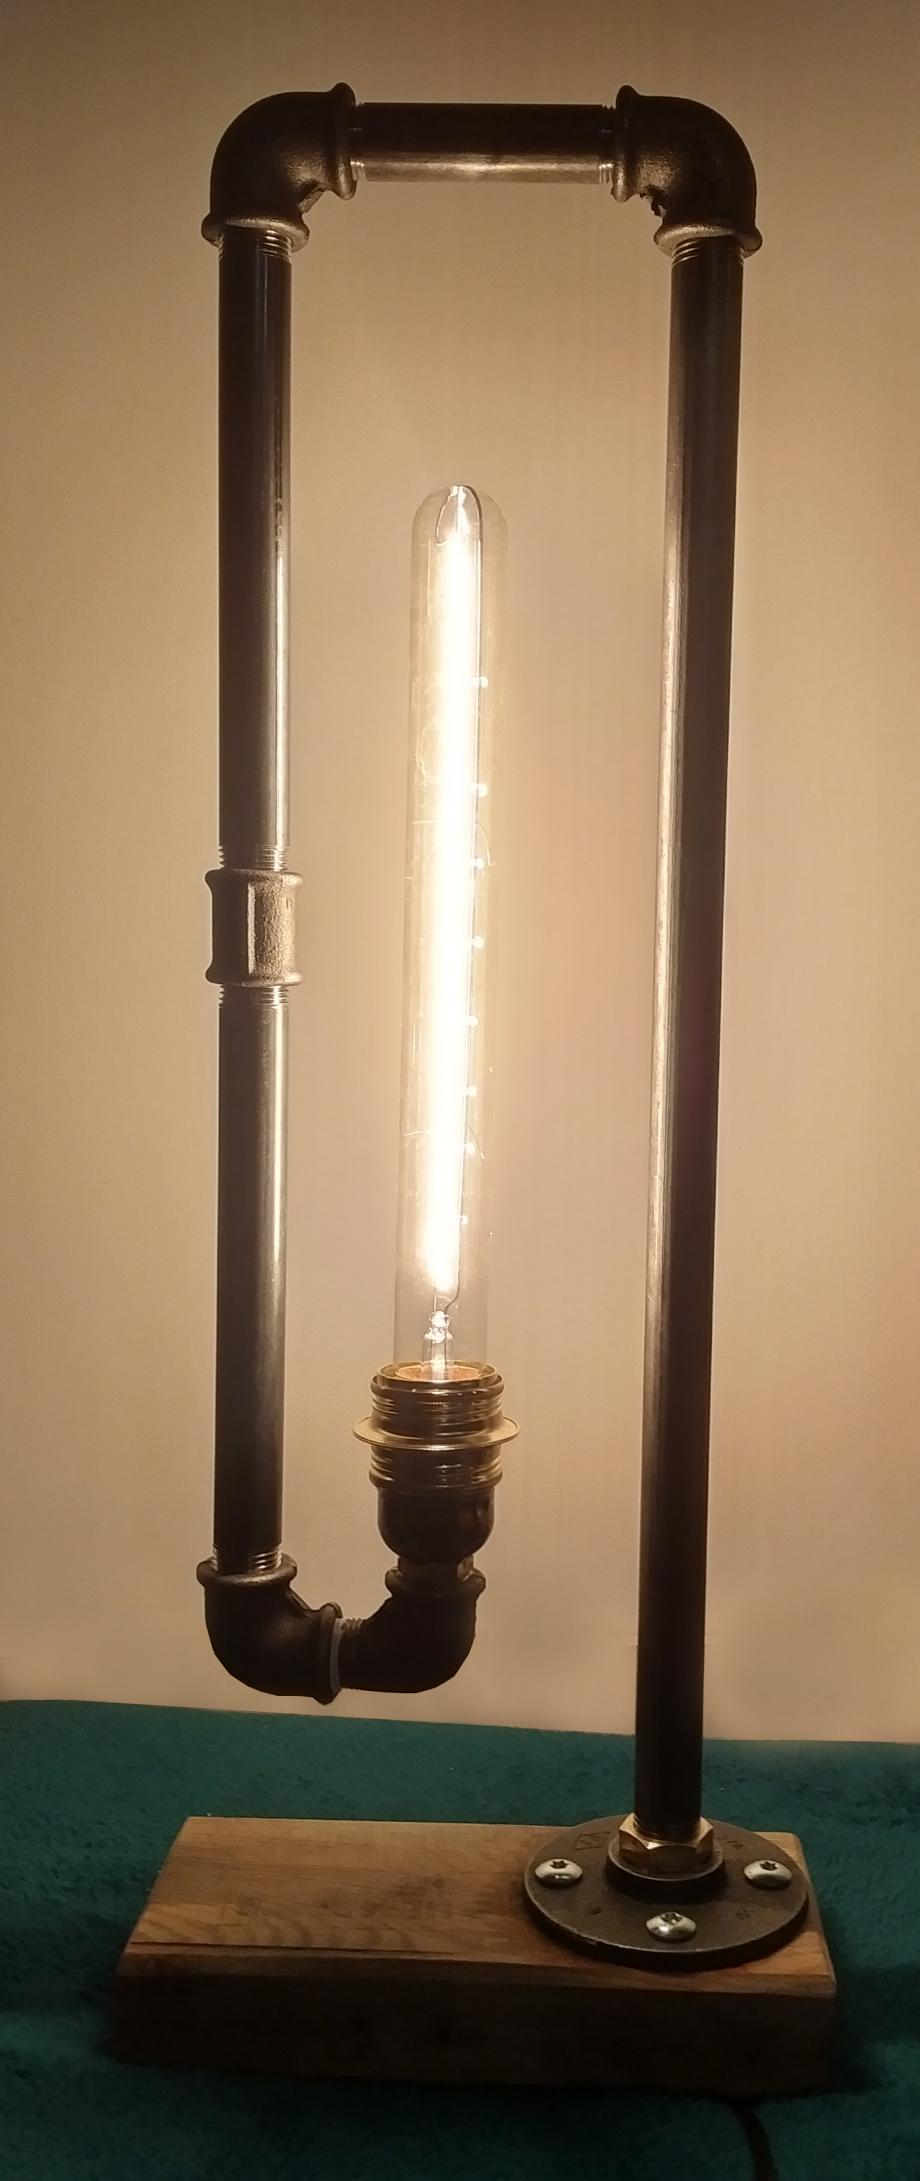 Lampe plomberie.jpg